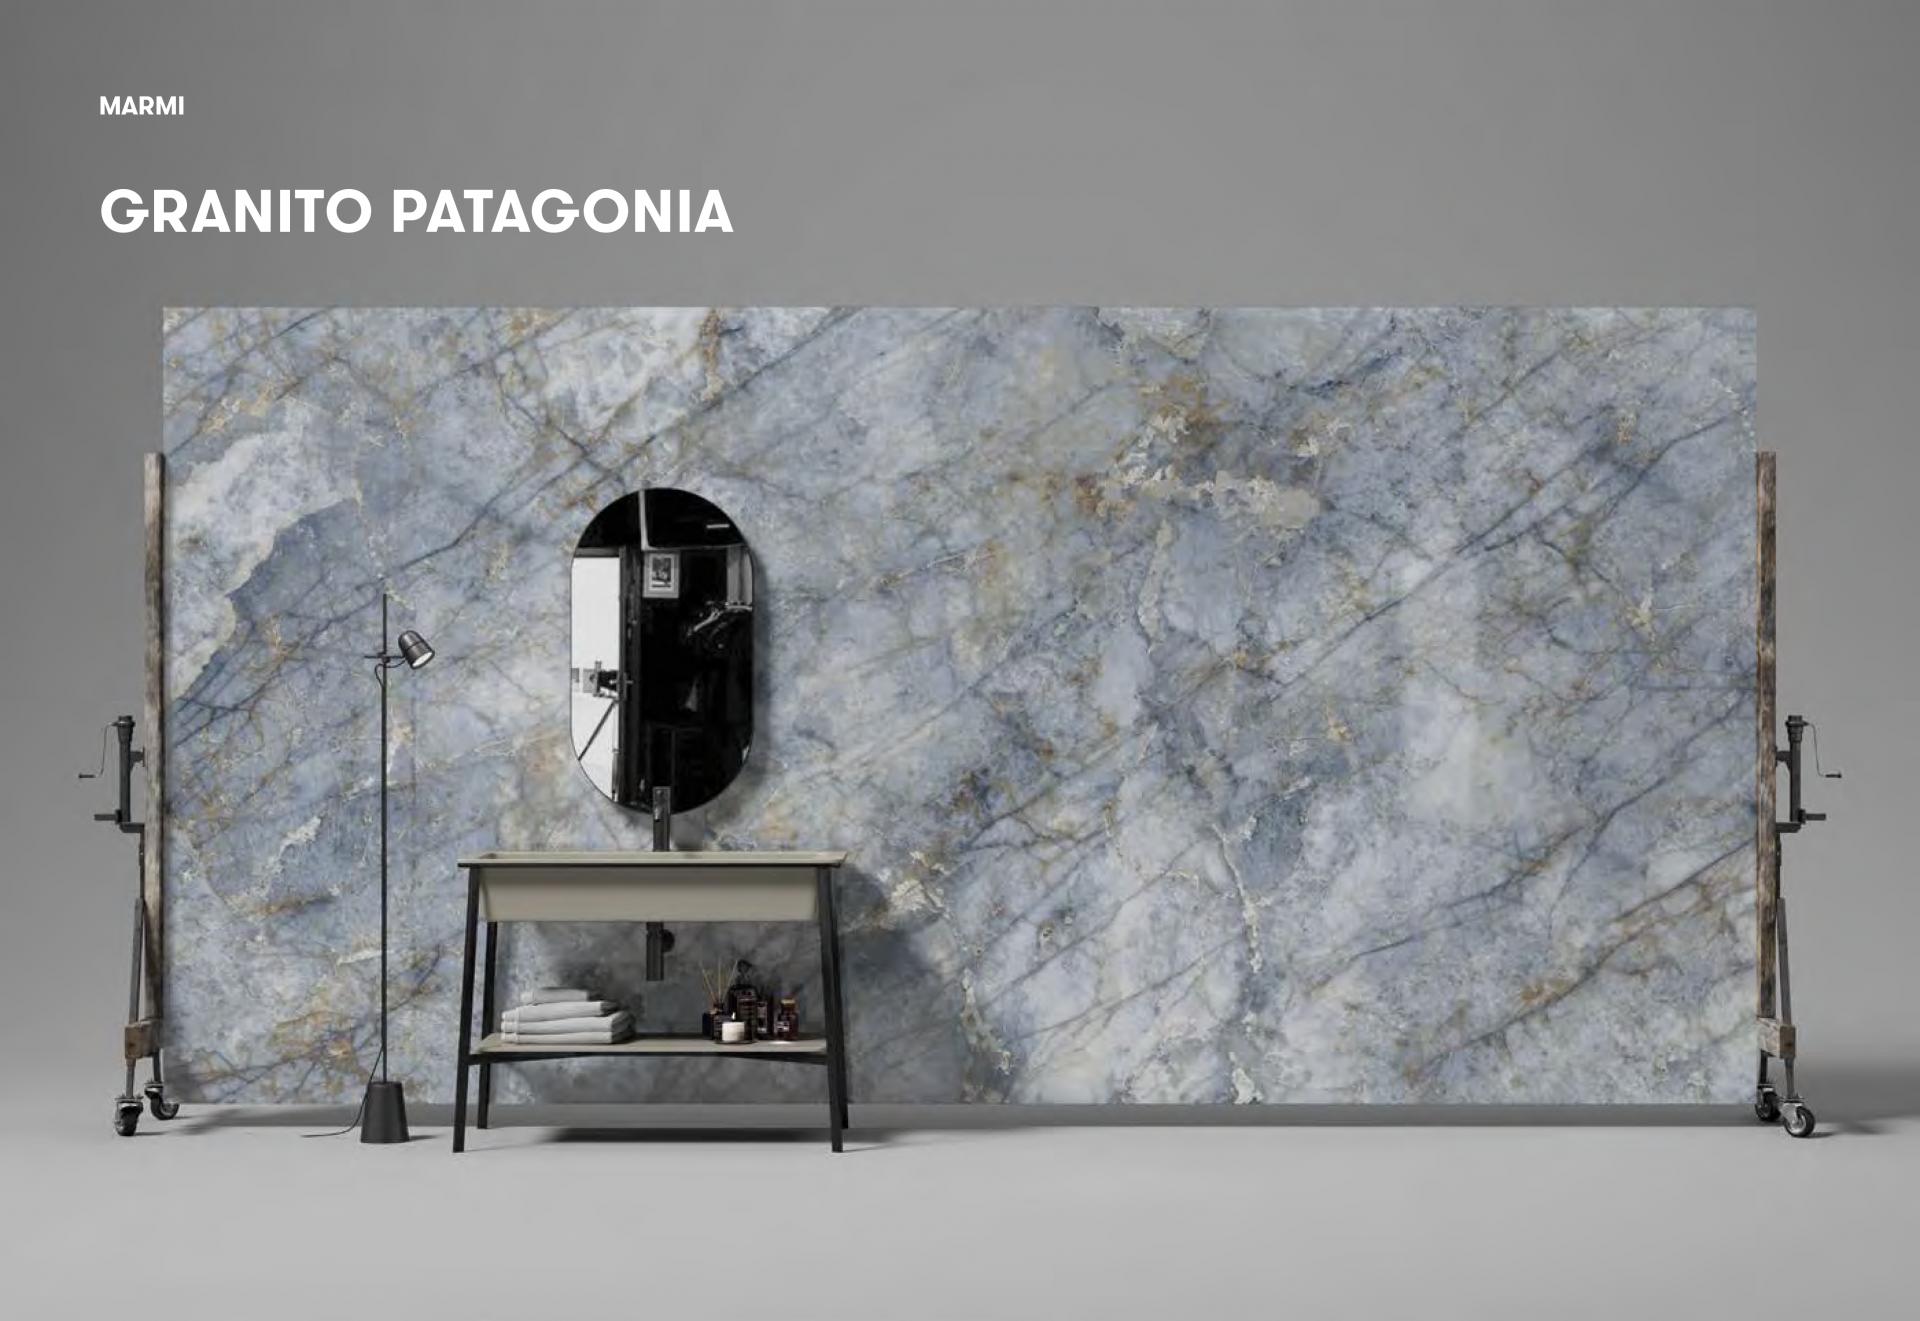 Granito Patagonia